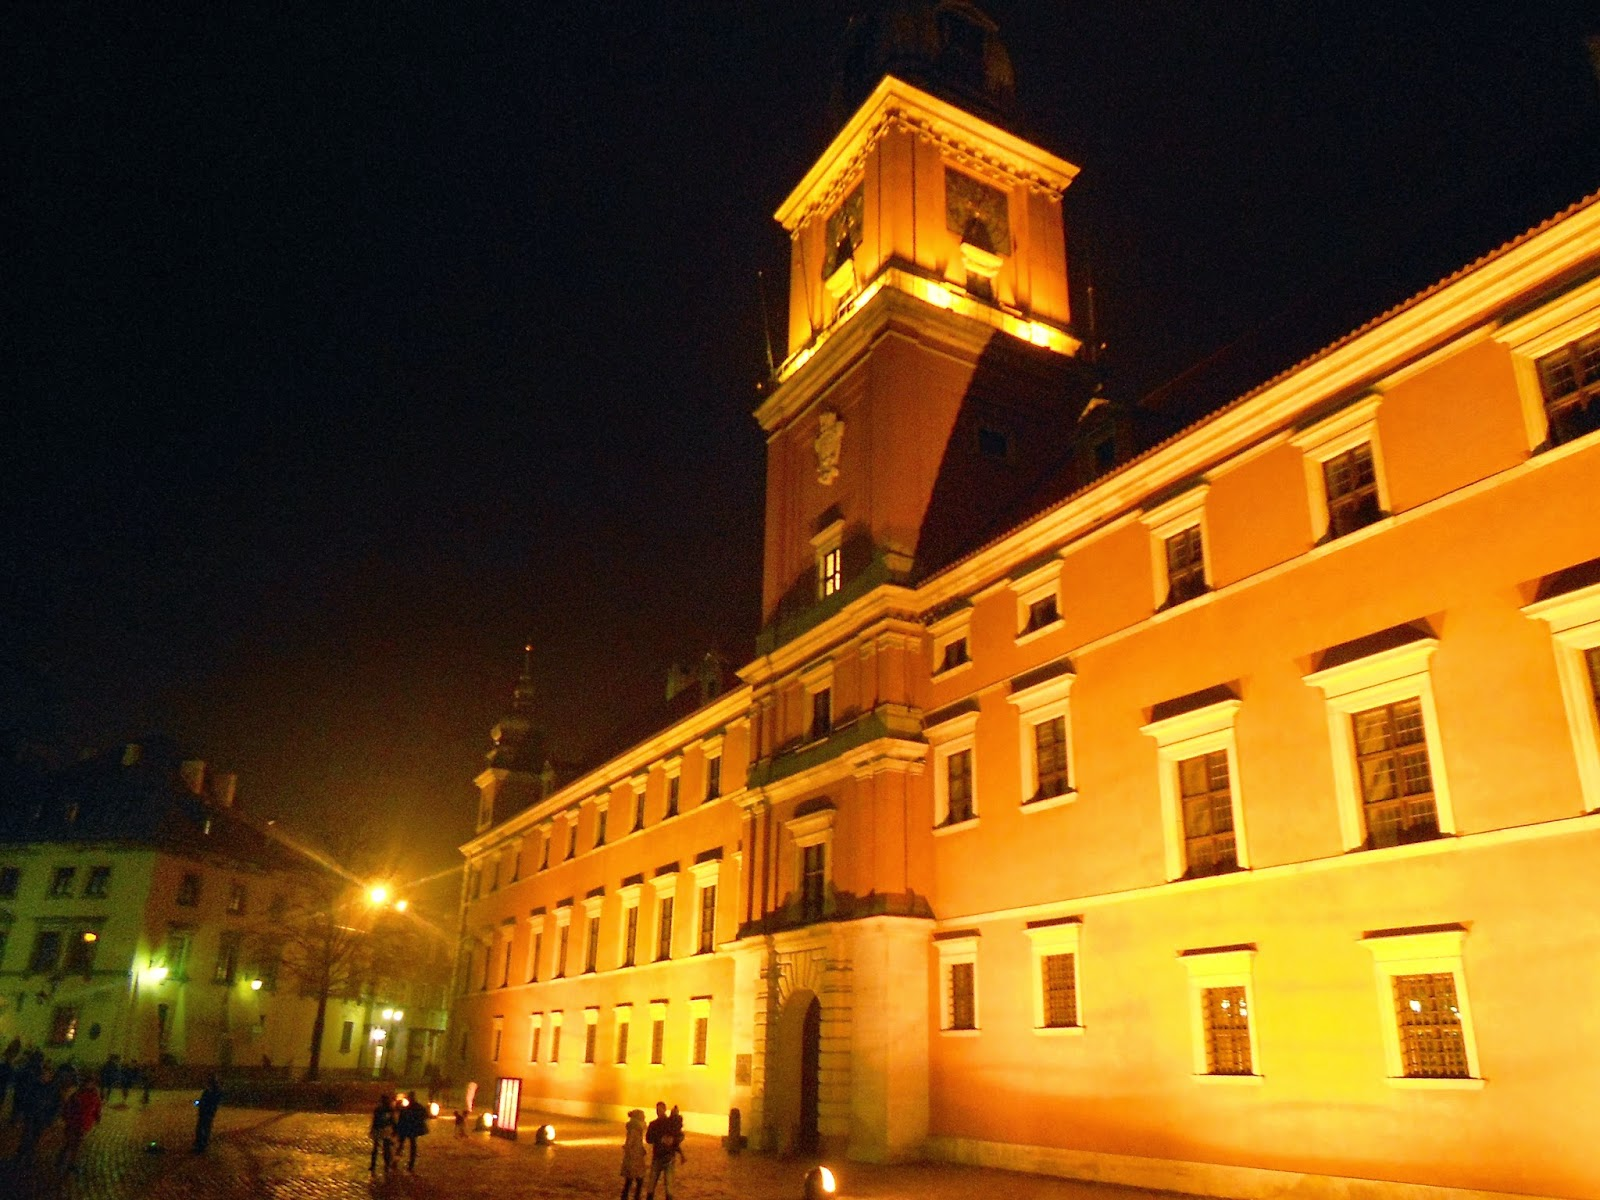 bellavarsavia